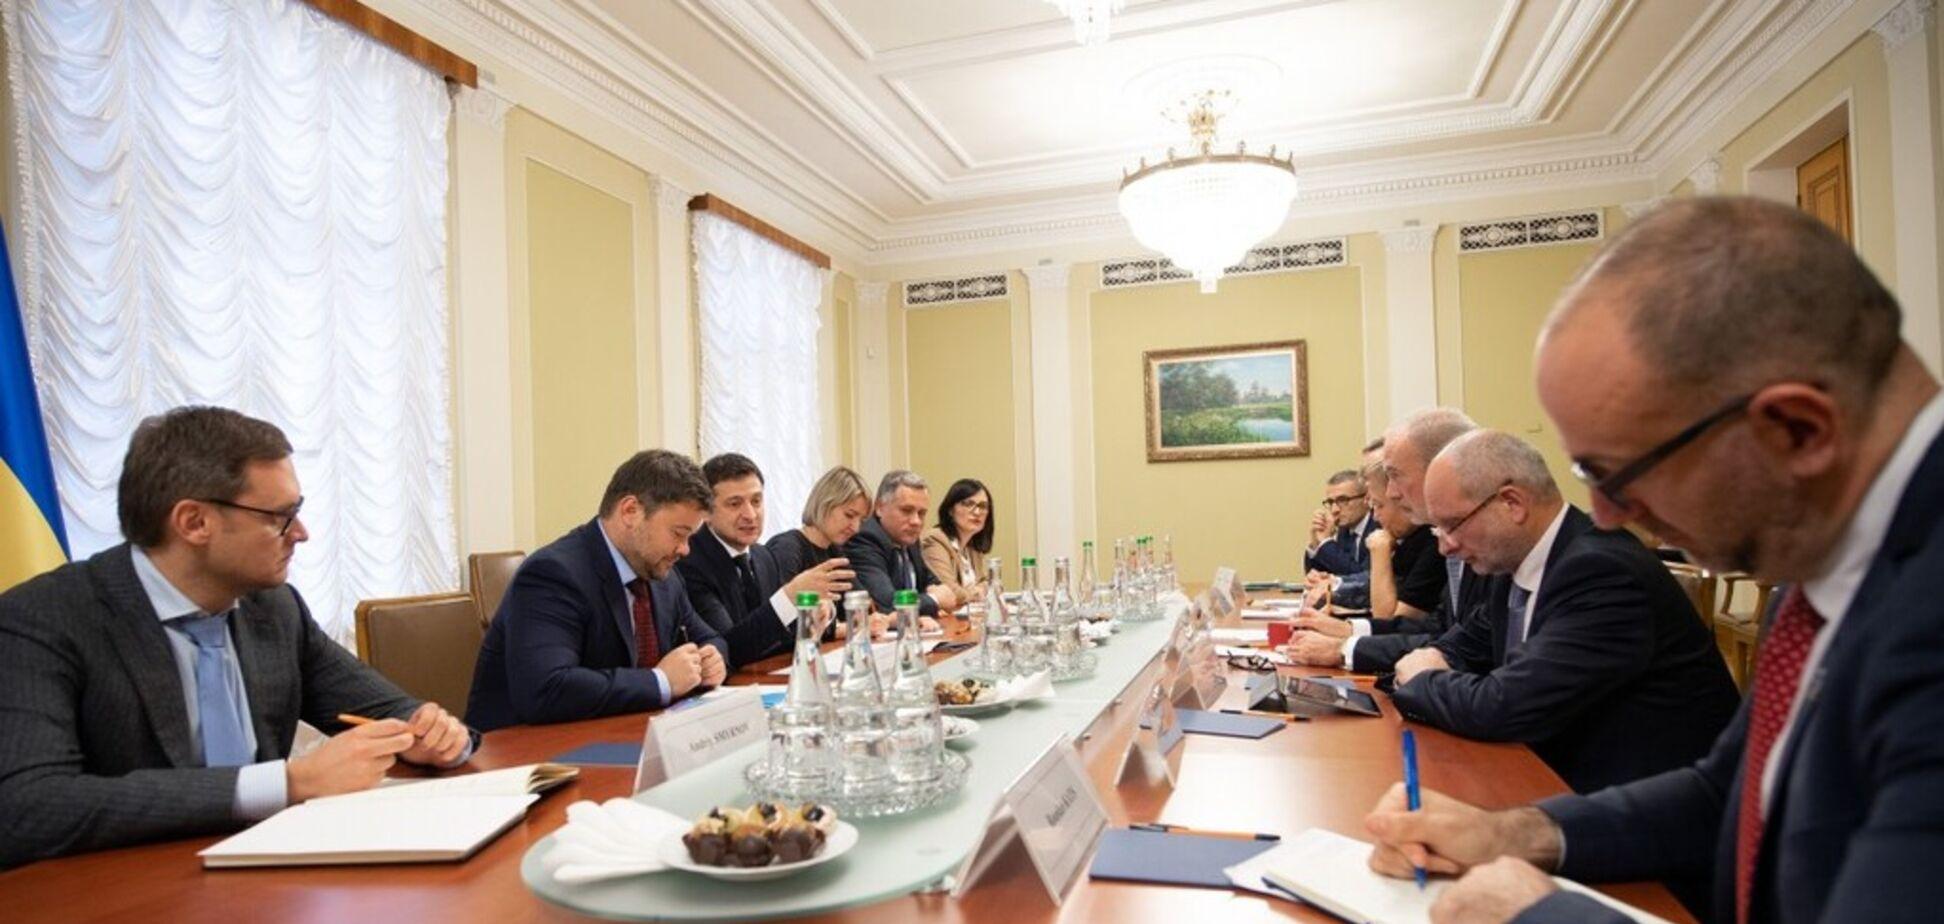 Зеленский встретился с послами G7: о чем говорили